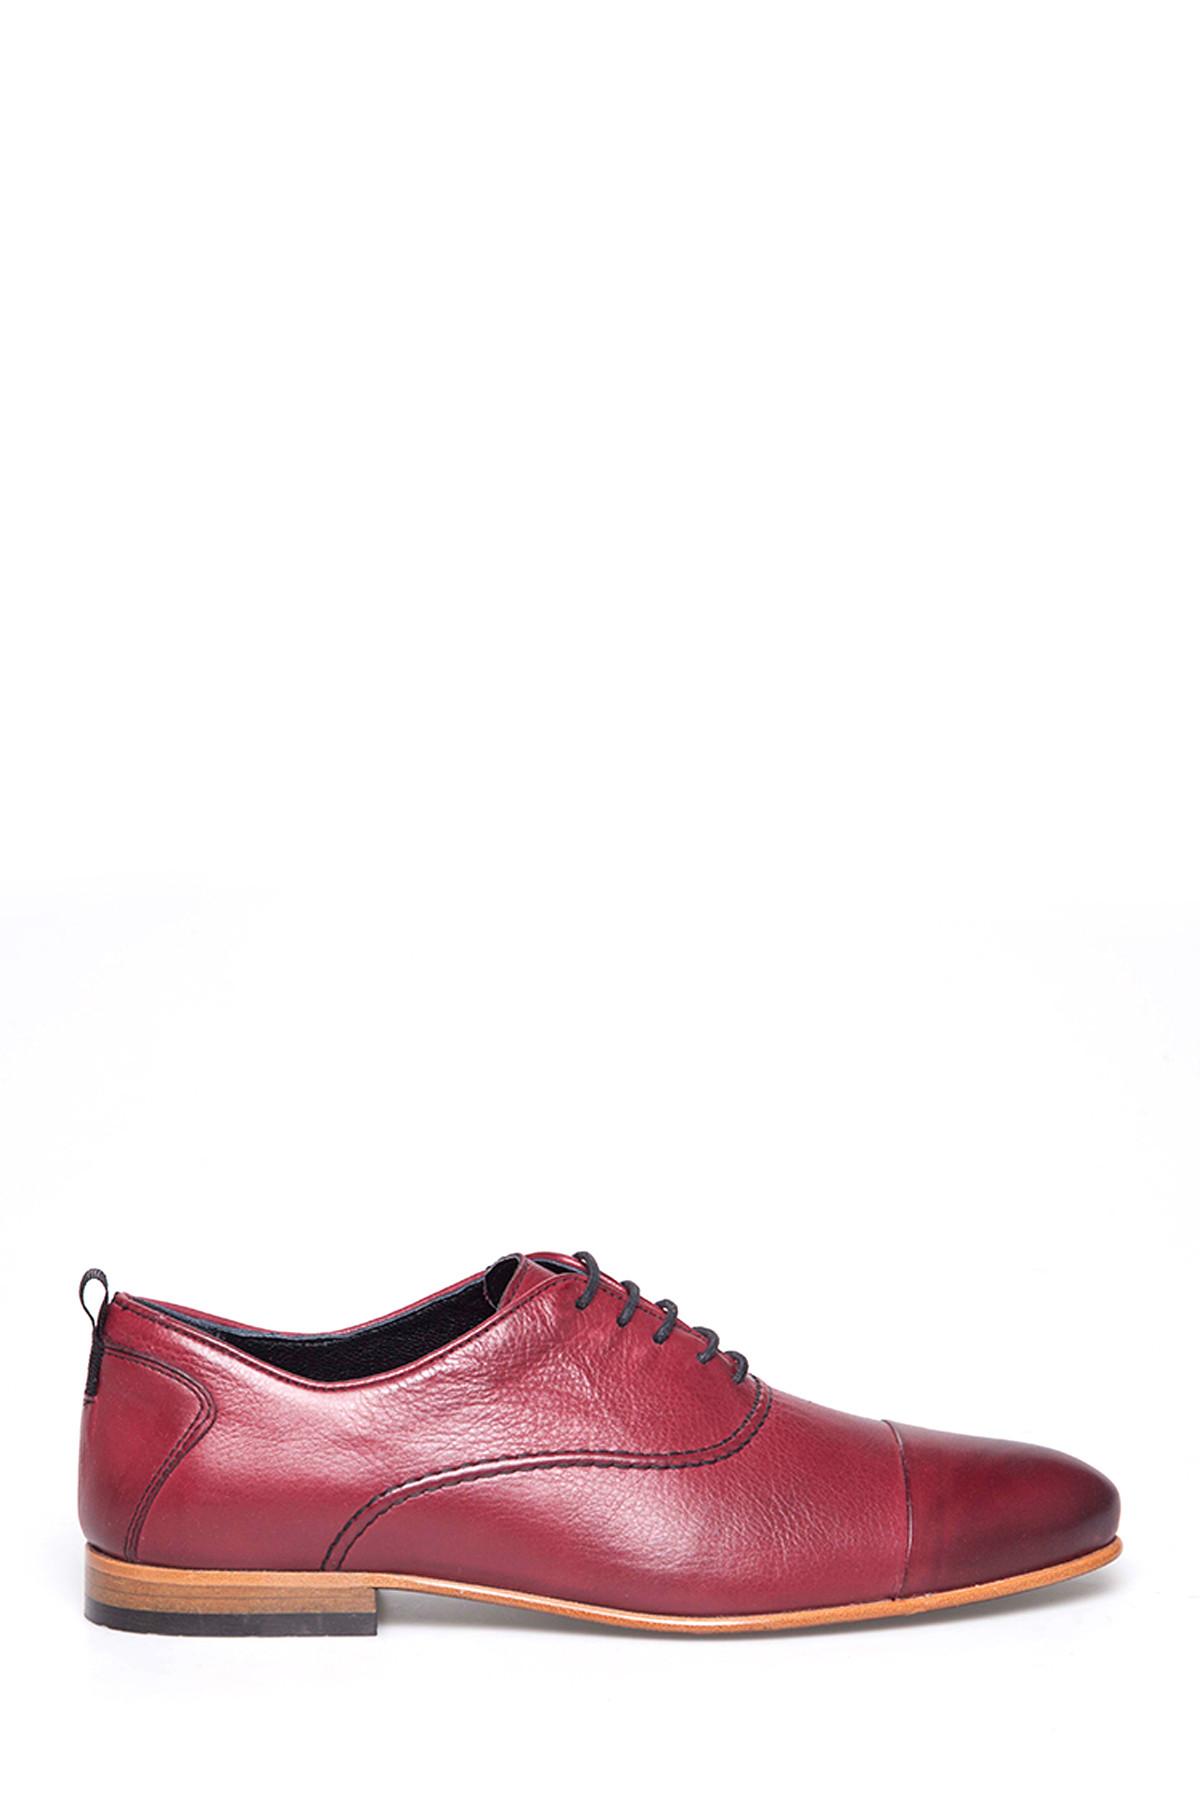 TETRİ Bordo Erkek Ayakkabı 3S811886143 1